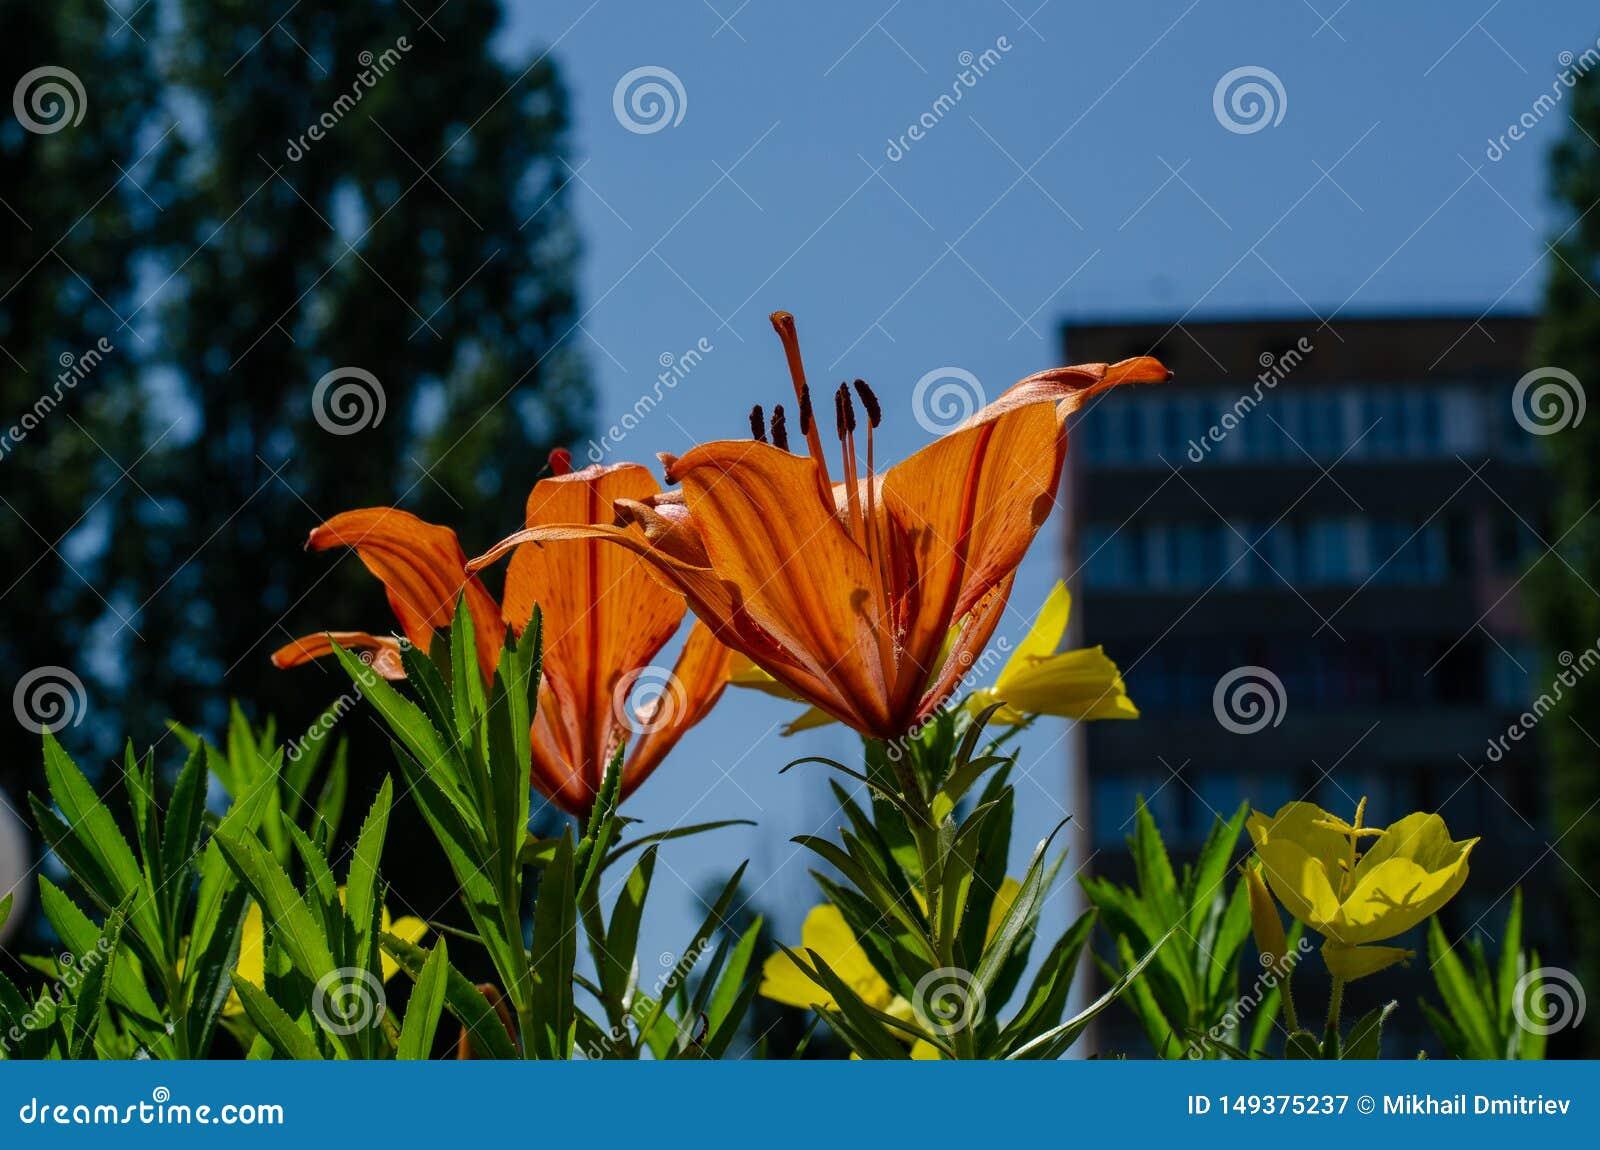 Оранжевые цветки на кровати города на фоне многоэтажного здания Жизнь в городе